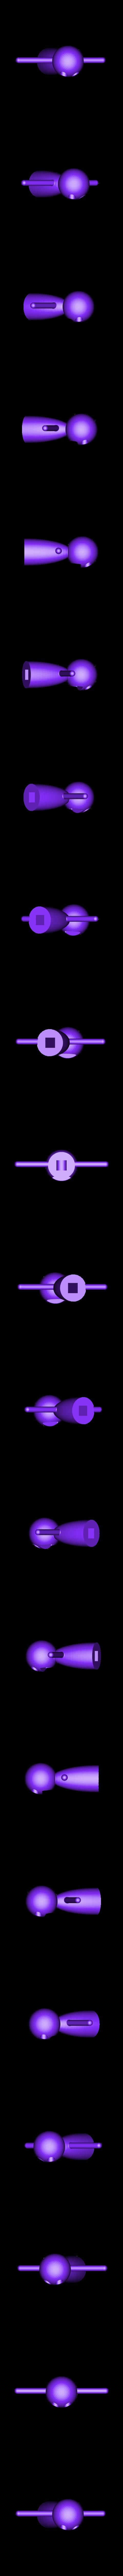 Function_Stickman_y0_top.stl Télécharger fichier STL gratuit Dancing Function Stickmen • Plan pour impression 3D, Chrisibub